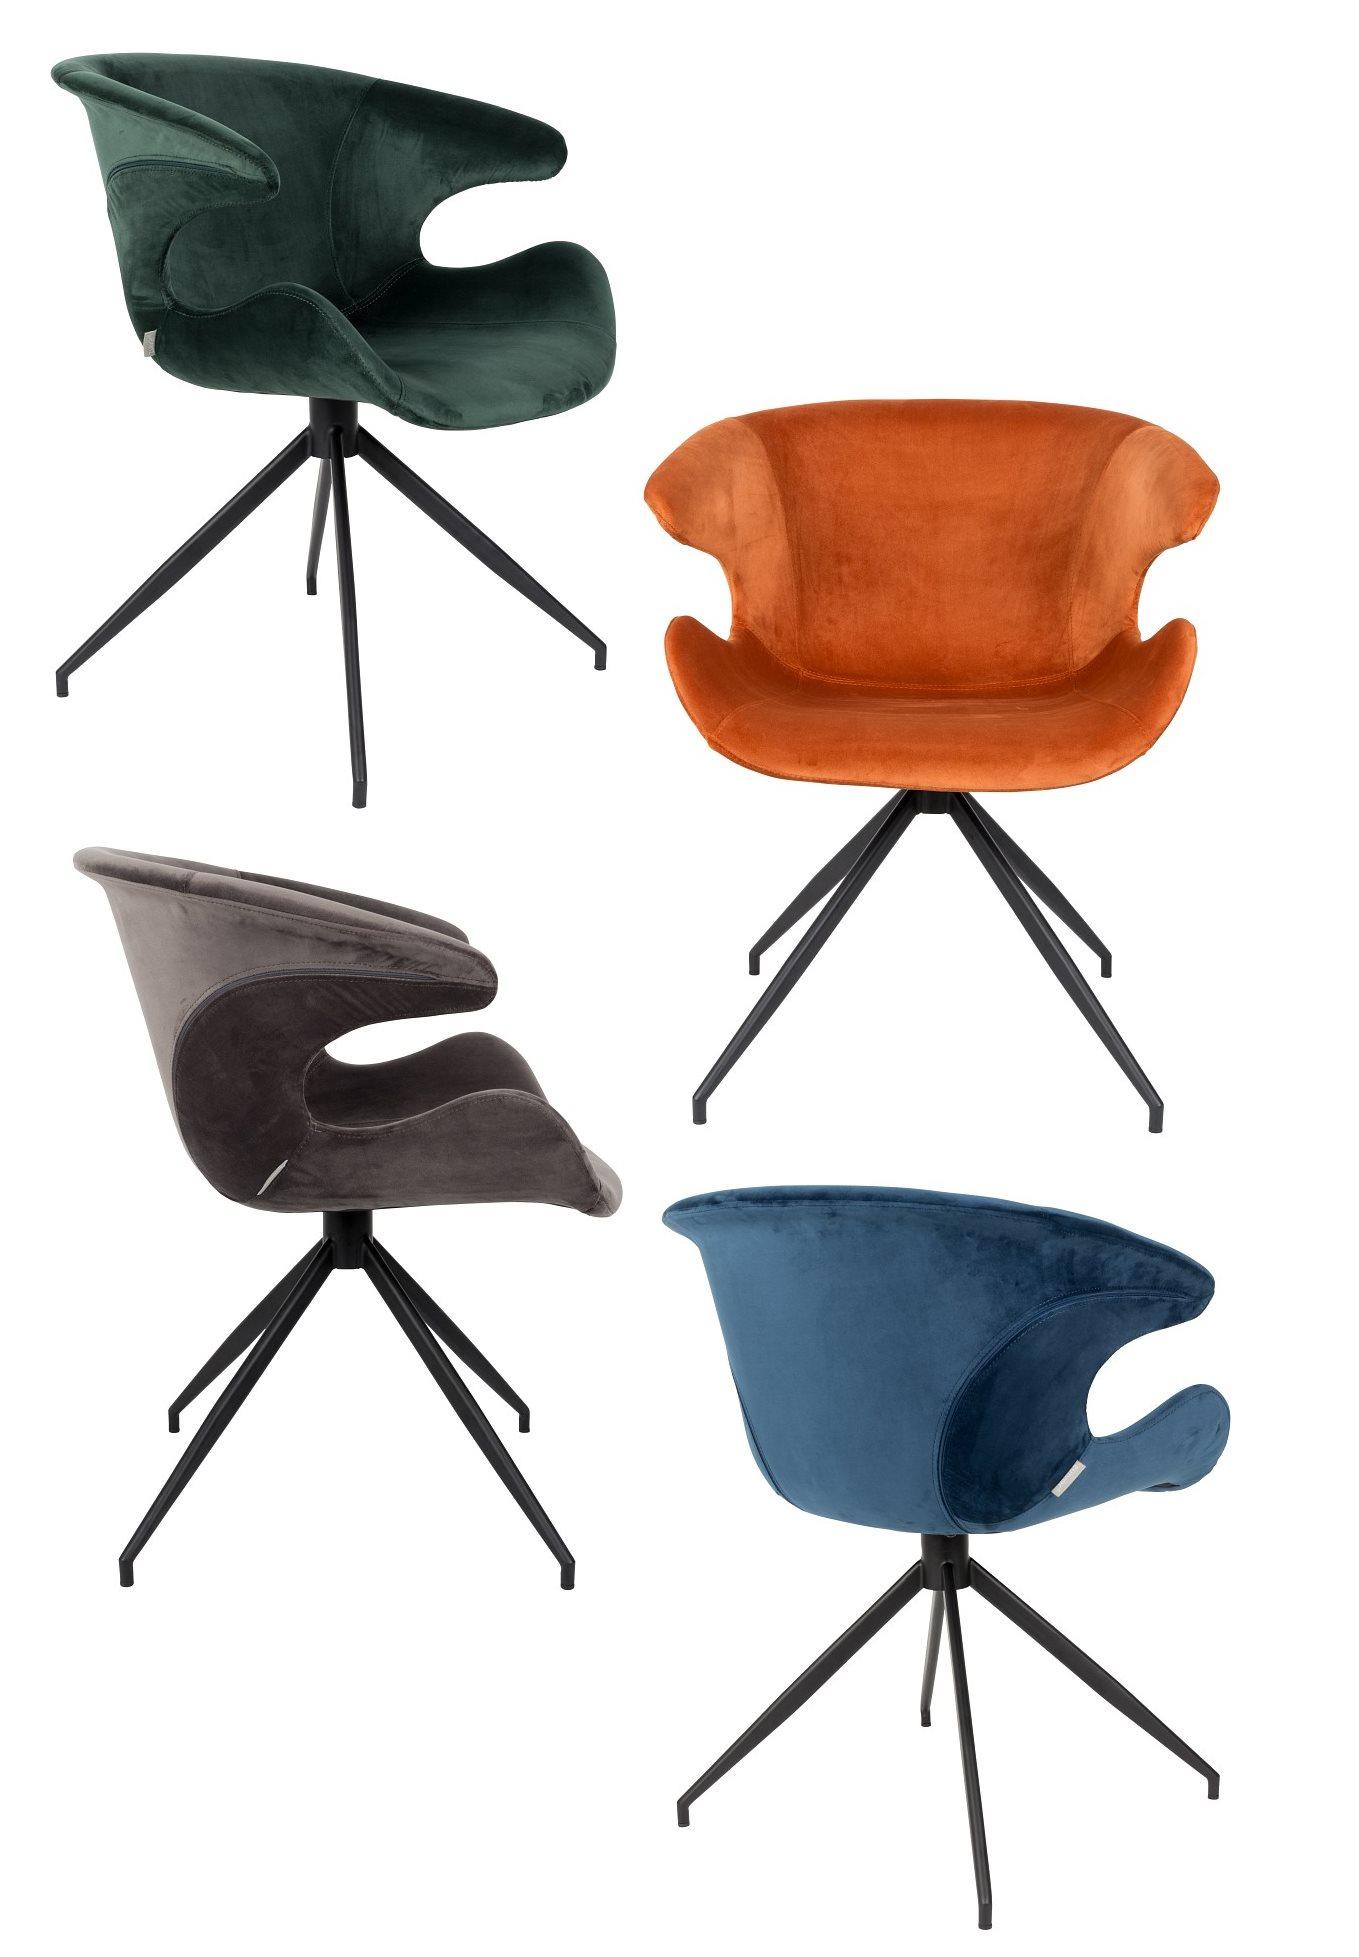 zuiver esszimmerstuhl b rostuhl mia in verschiedenen farben m bel essen esstischst hle. Black Bedroom Furniture Sets. Home Design Ideas